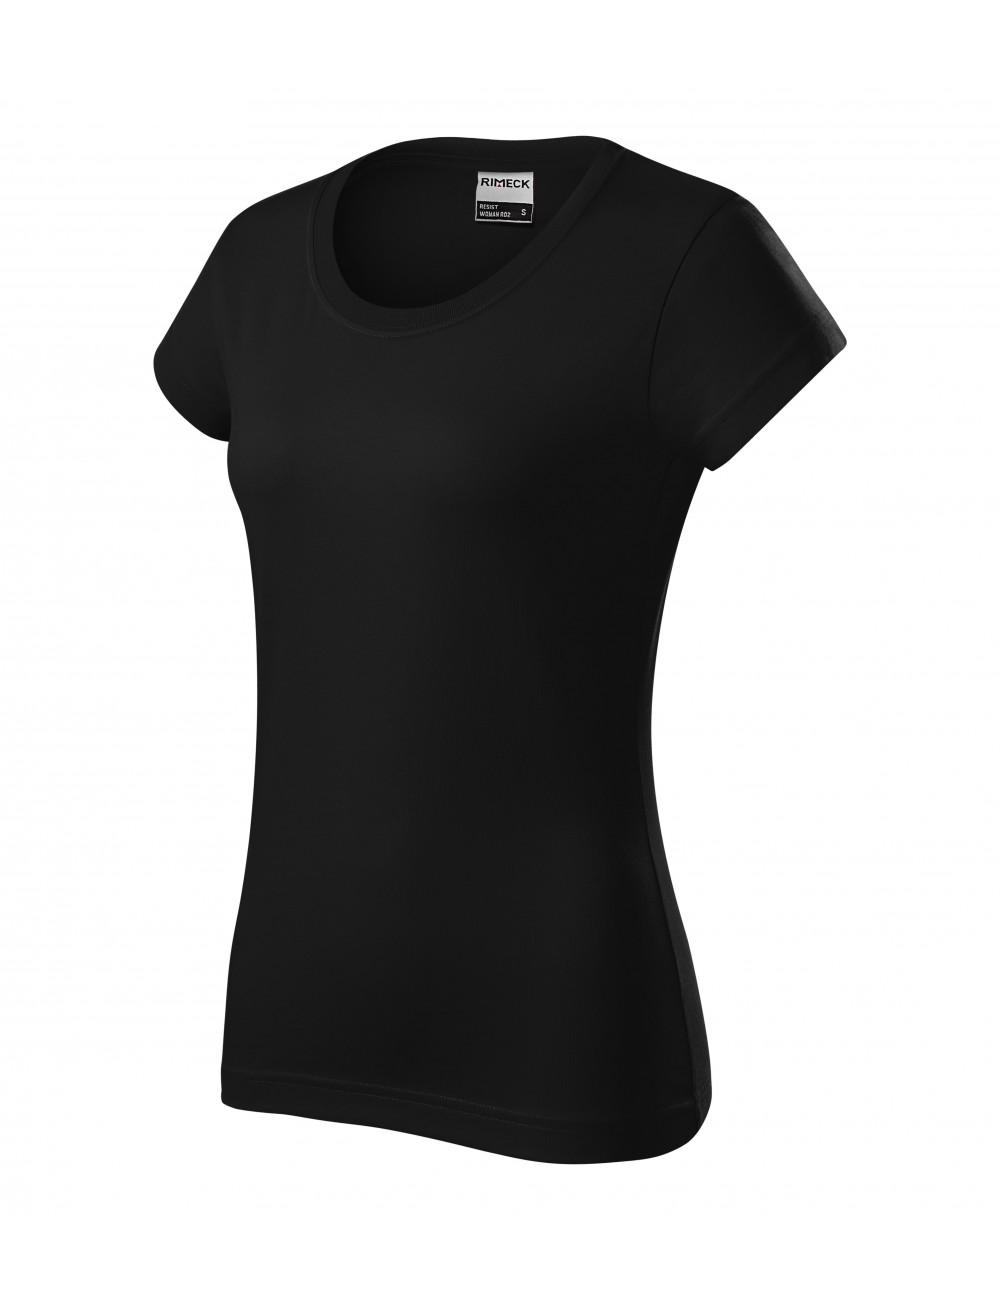 Adler RIMECK Koszulka damska Resist R02 czarny